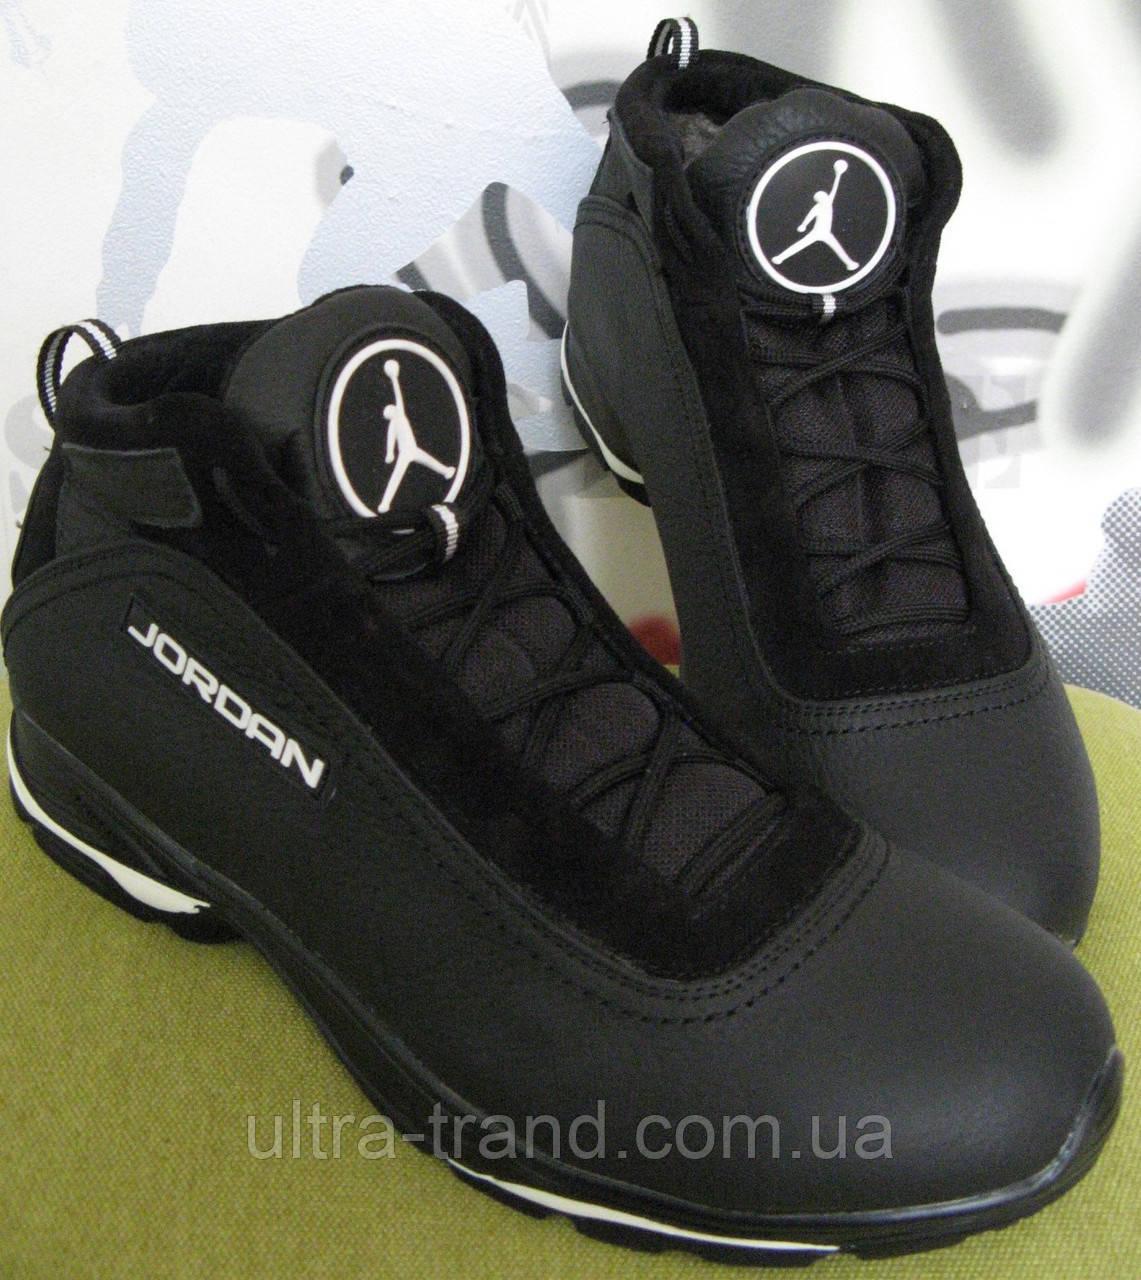 Мужские кожаные зимние кроссовки  Jordan черные с белыми вставками